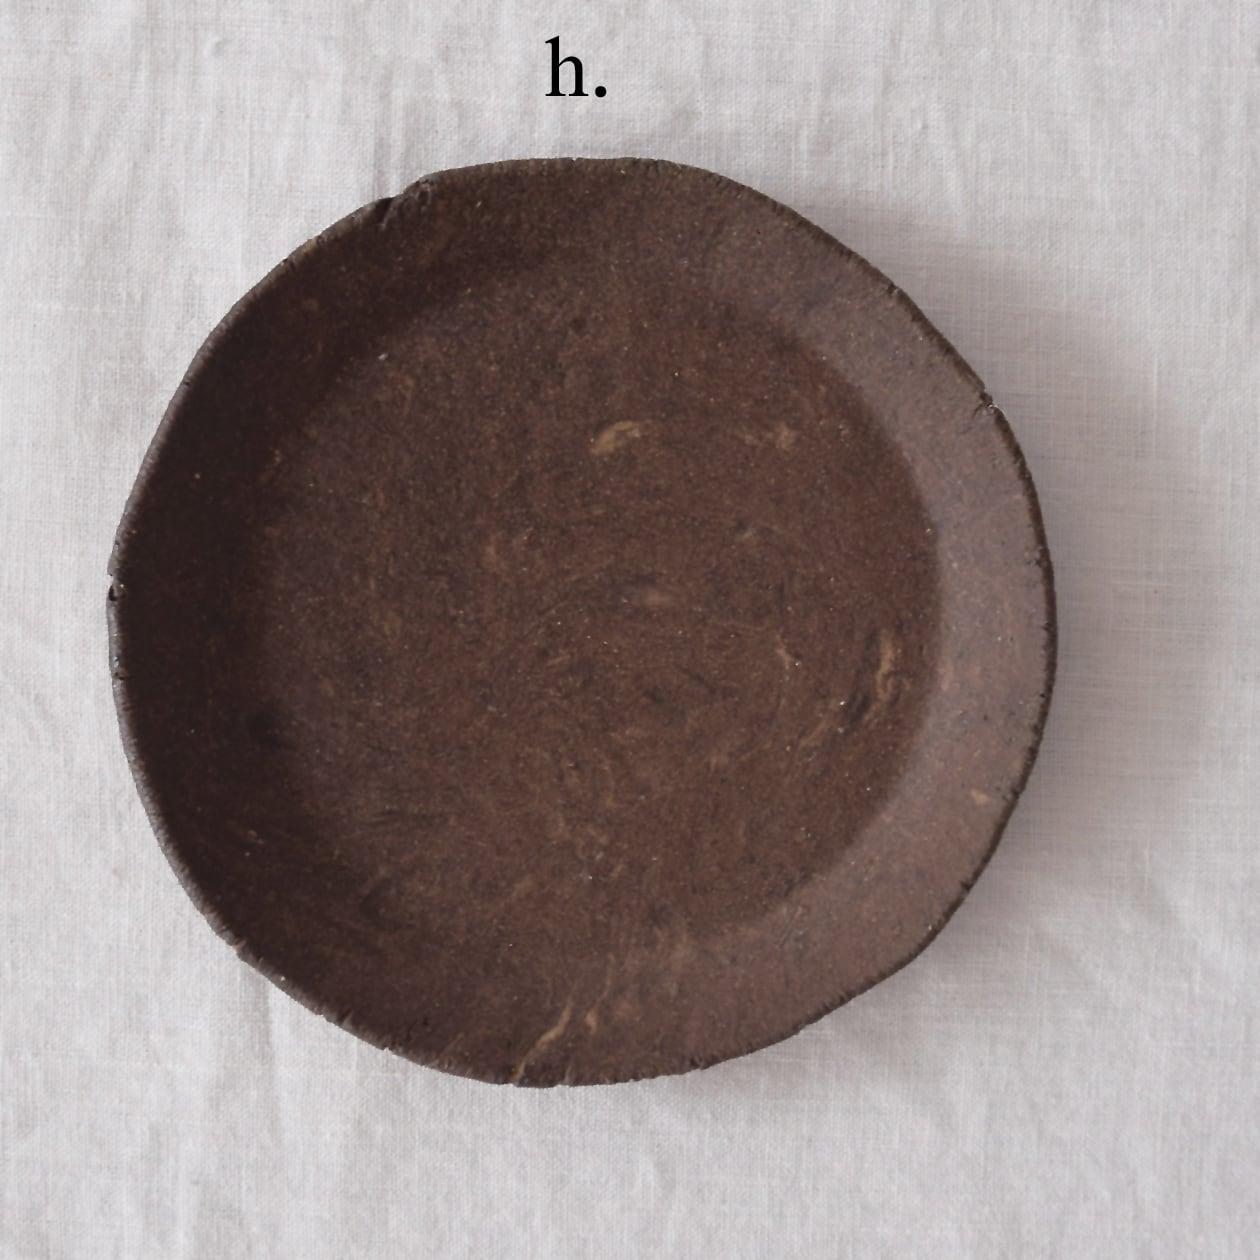 細川敬弘 Takahiro Hosokawa 自然練り込み リム皿 6寸 h.